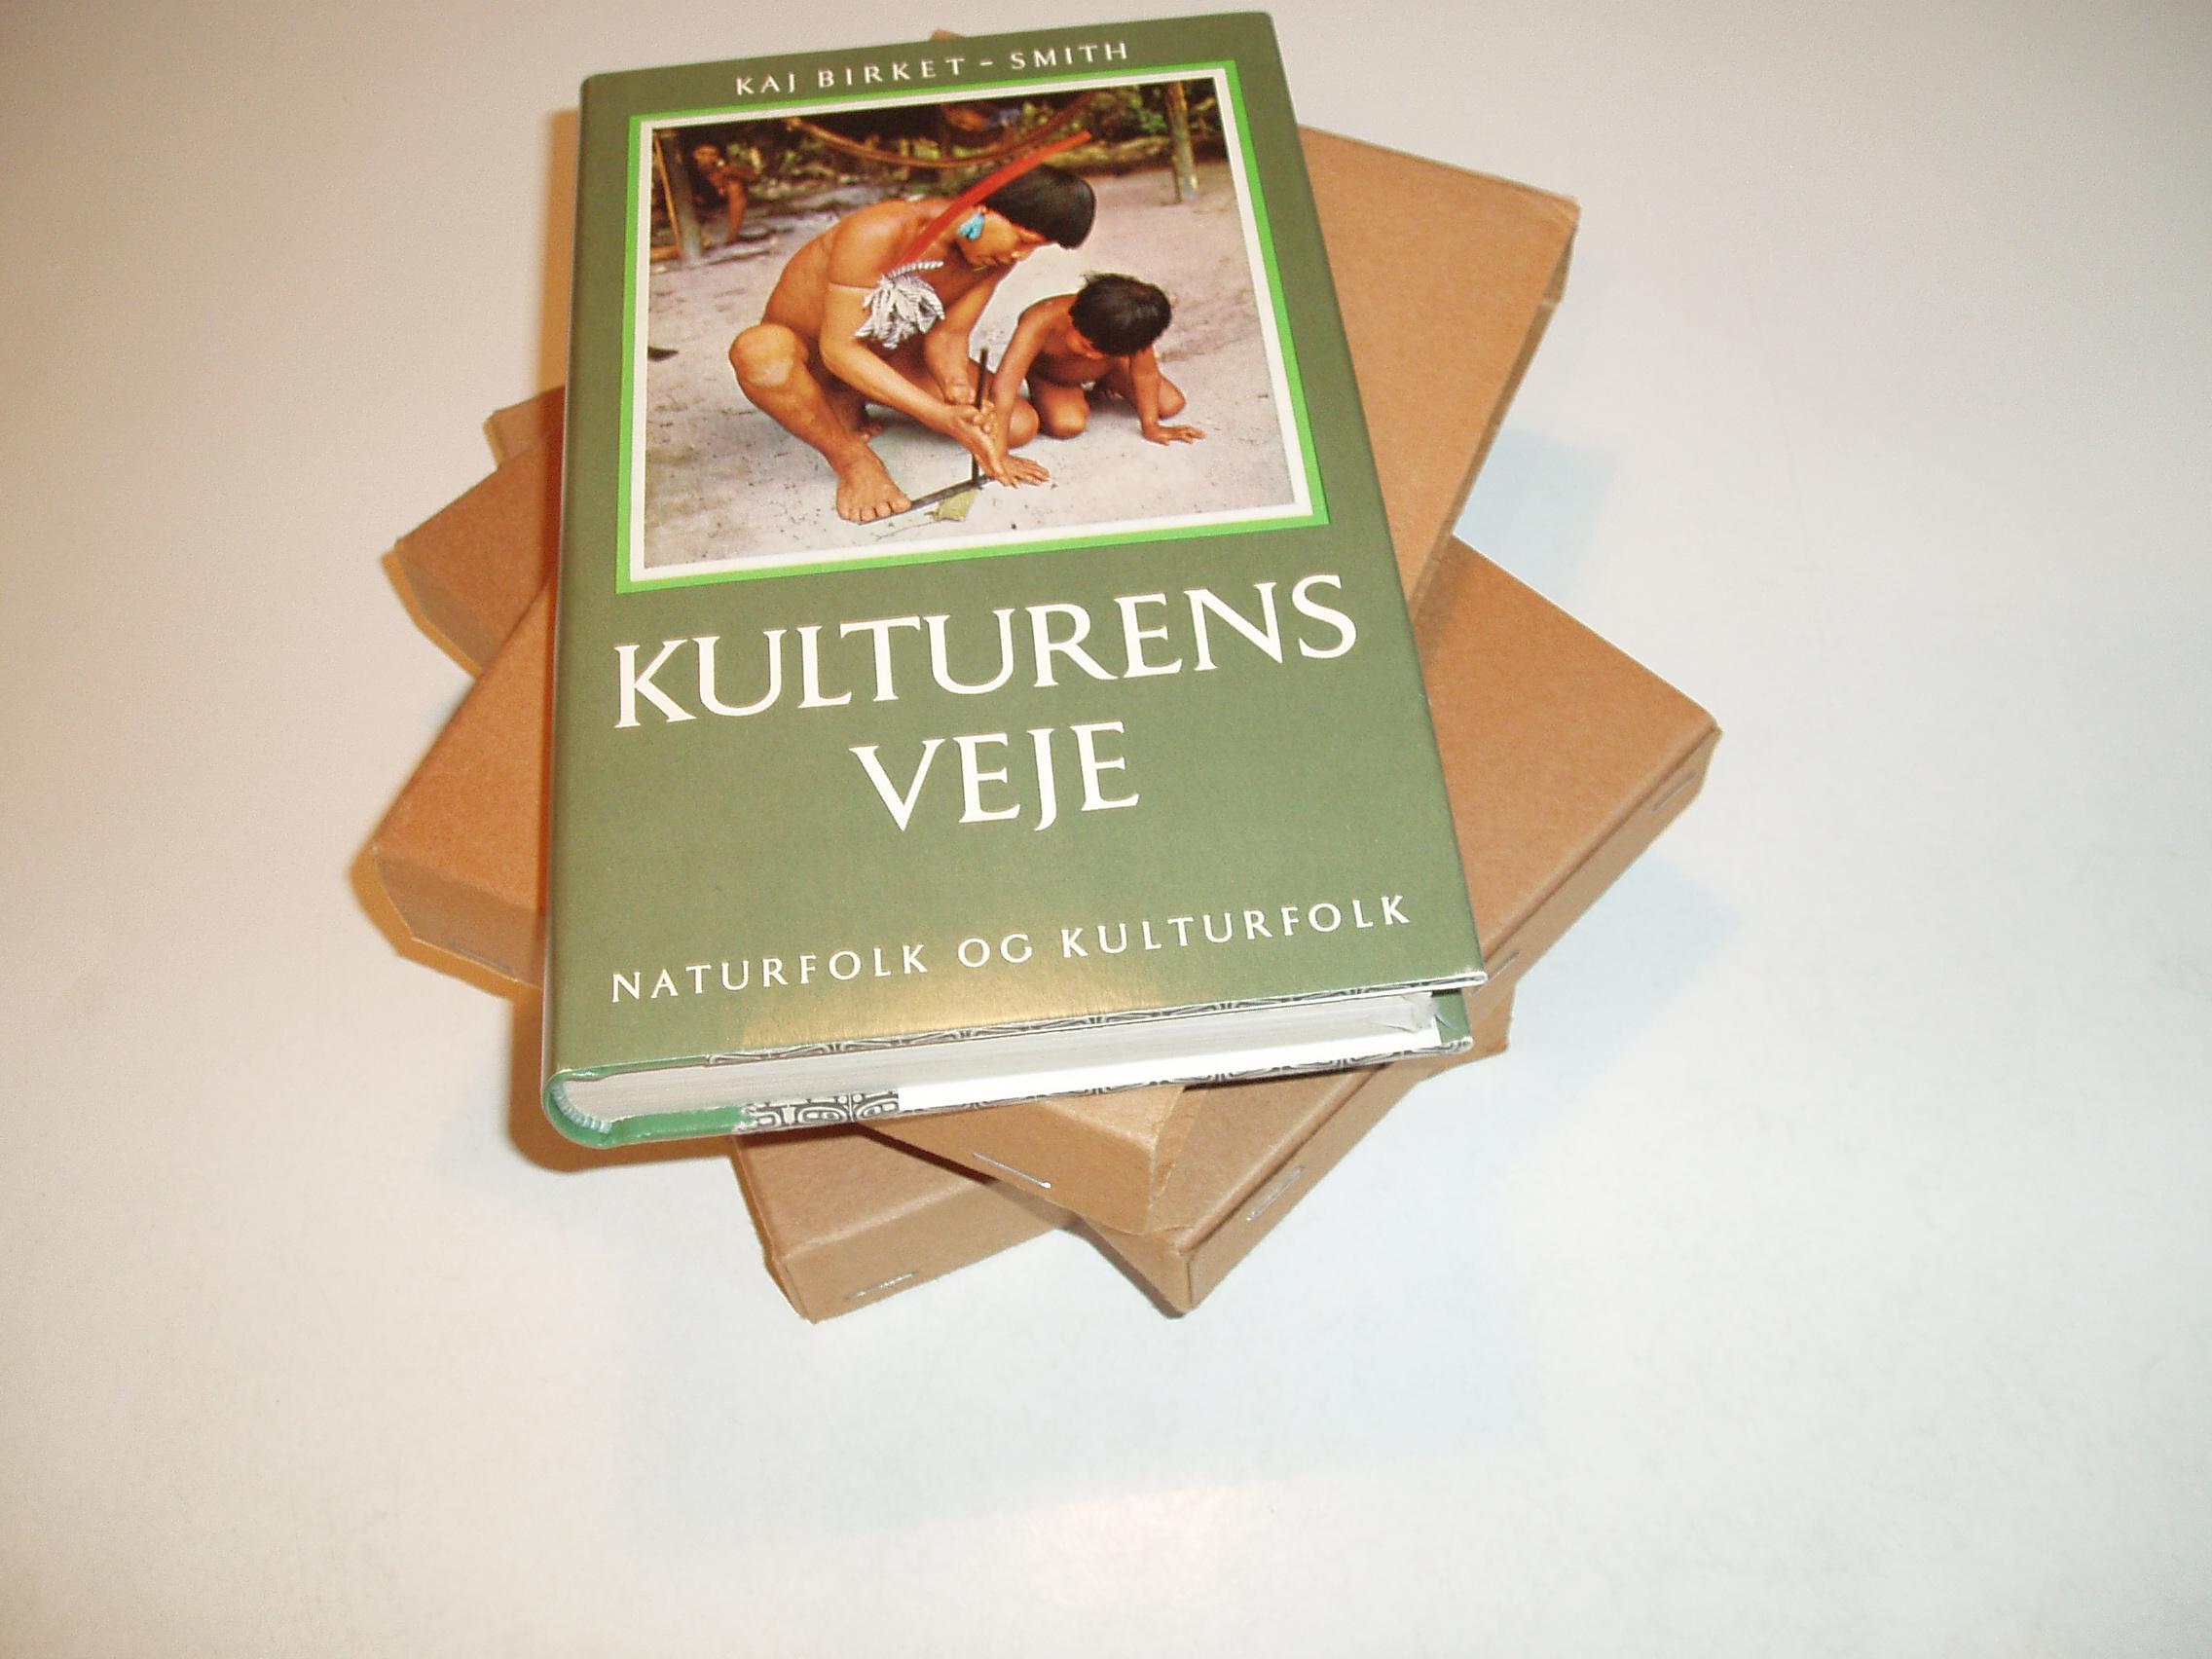 Kulturens veje. Naturfolk og kulturfolk, bind 1-3. Revideret og